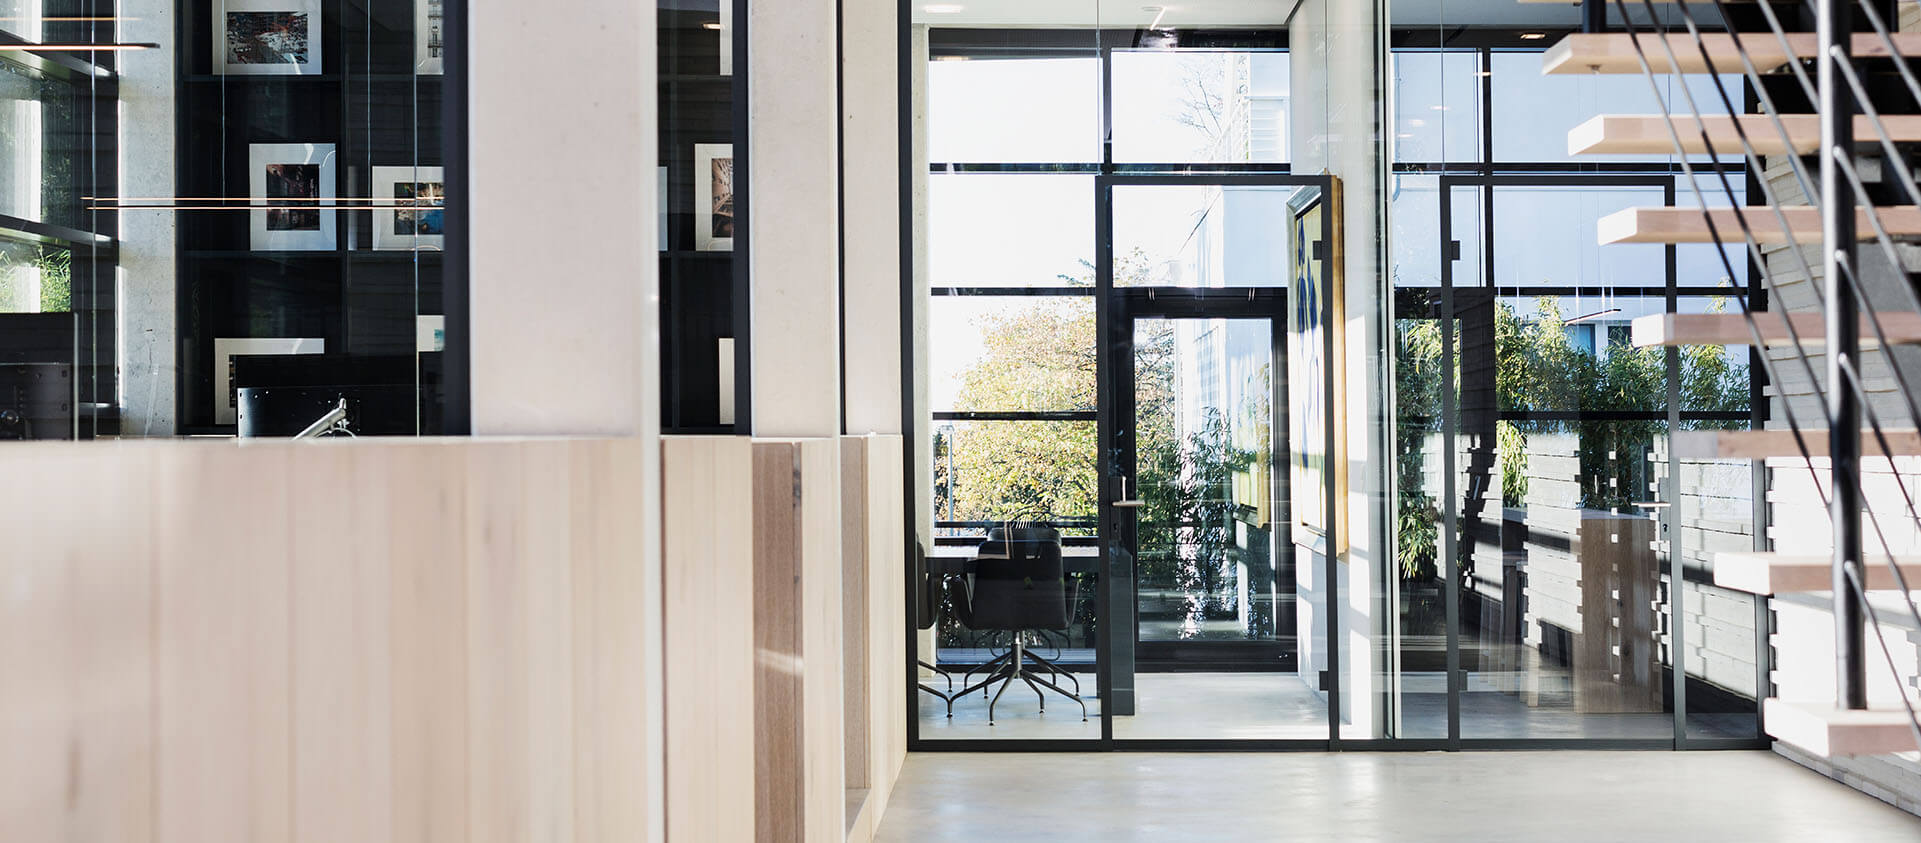 Eberhard und Florian Horn Architektur Office Interieur